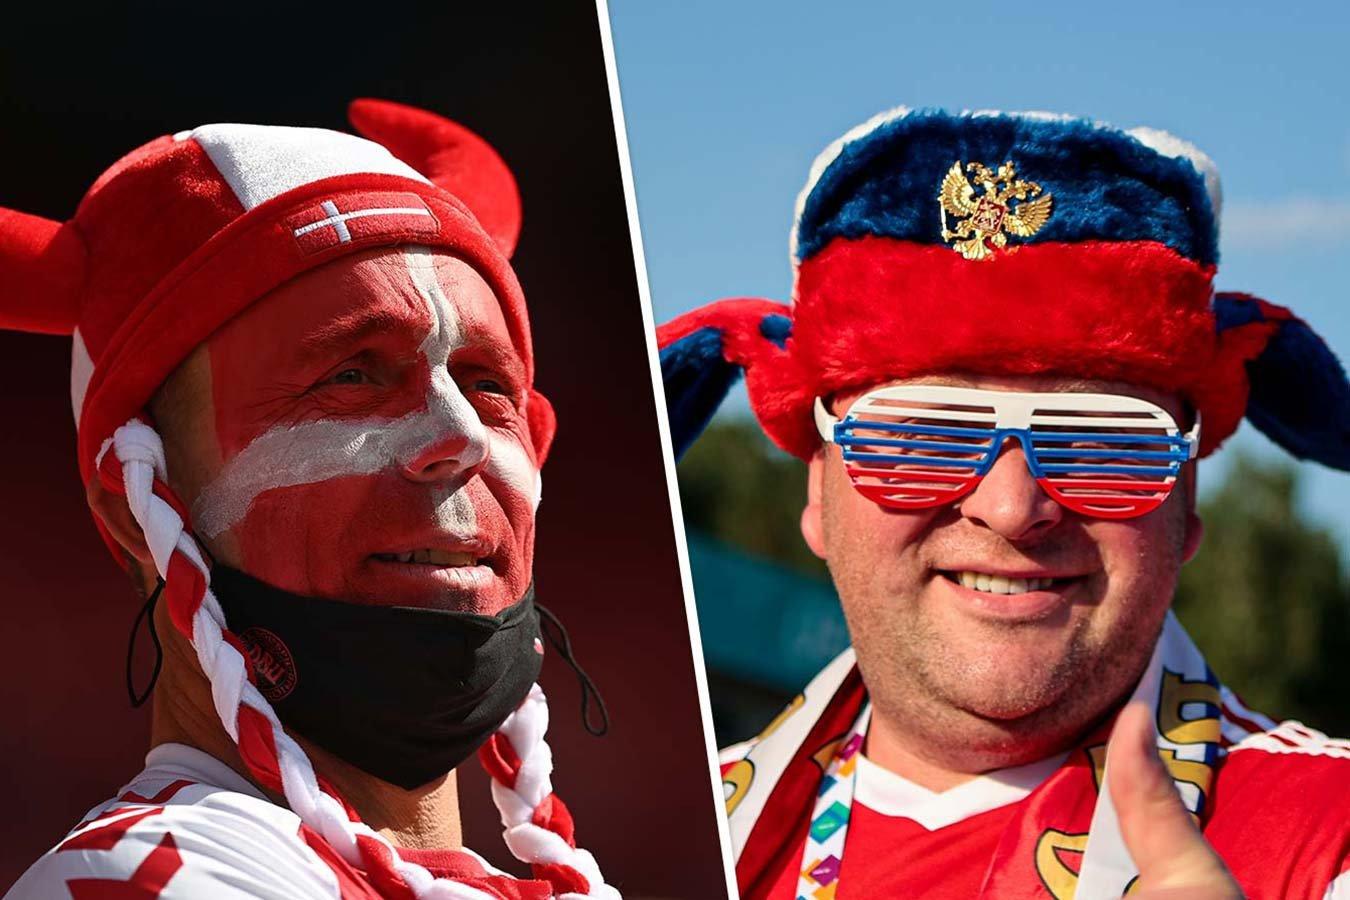 Россия — Дания: прямой эфир матча Евро-2020, смотреть онлайн на Первом канале